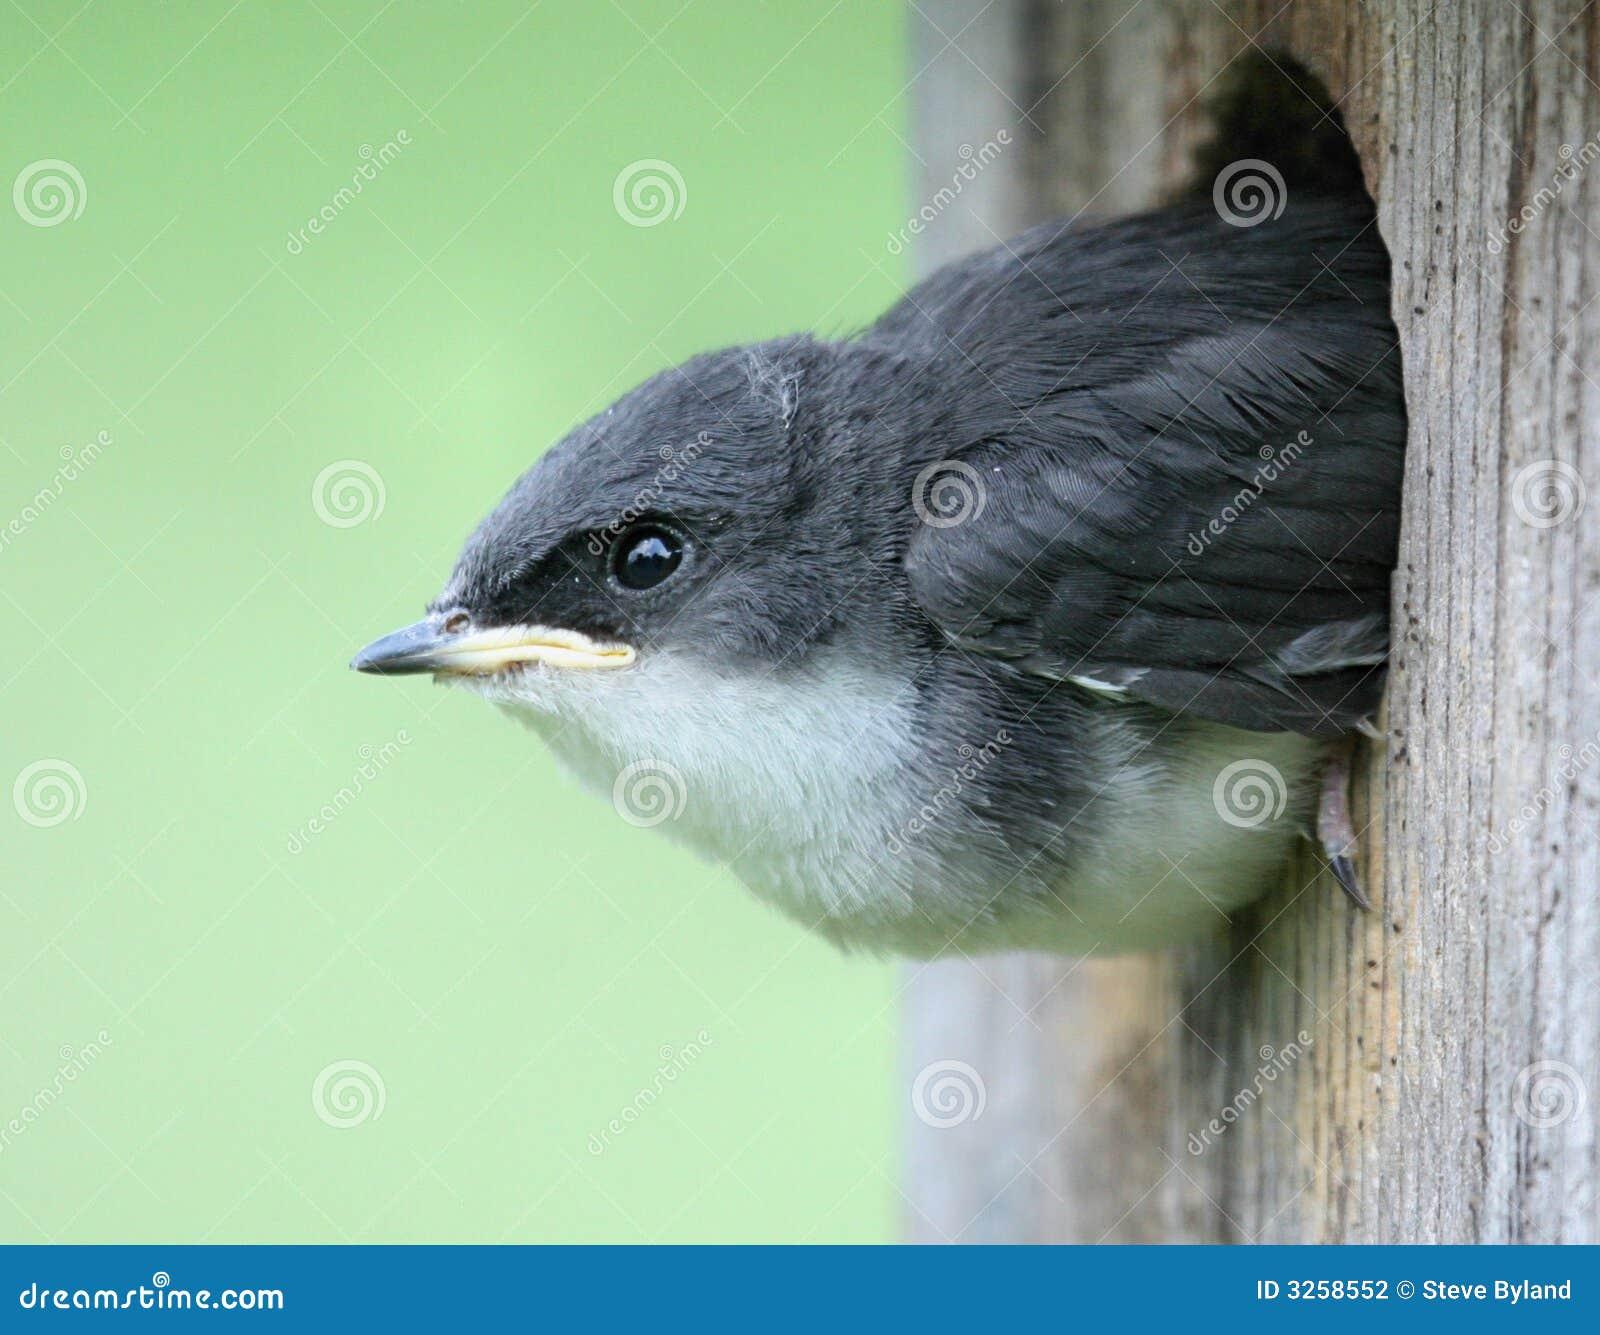 偷看燕子结构树的幼鸟房子.